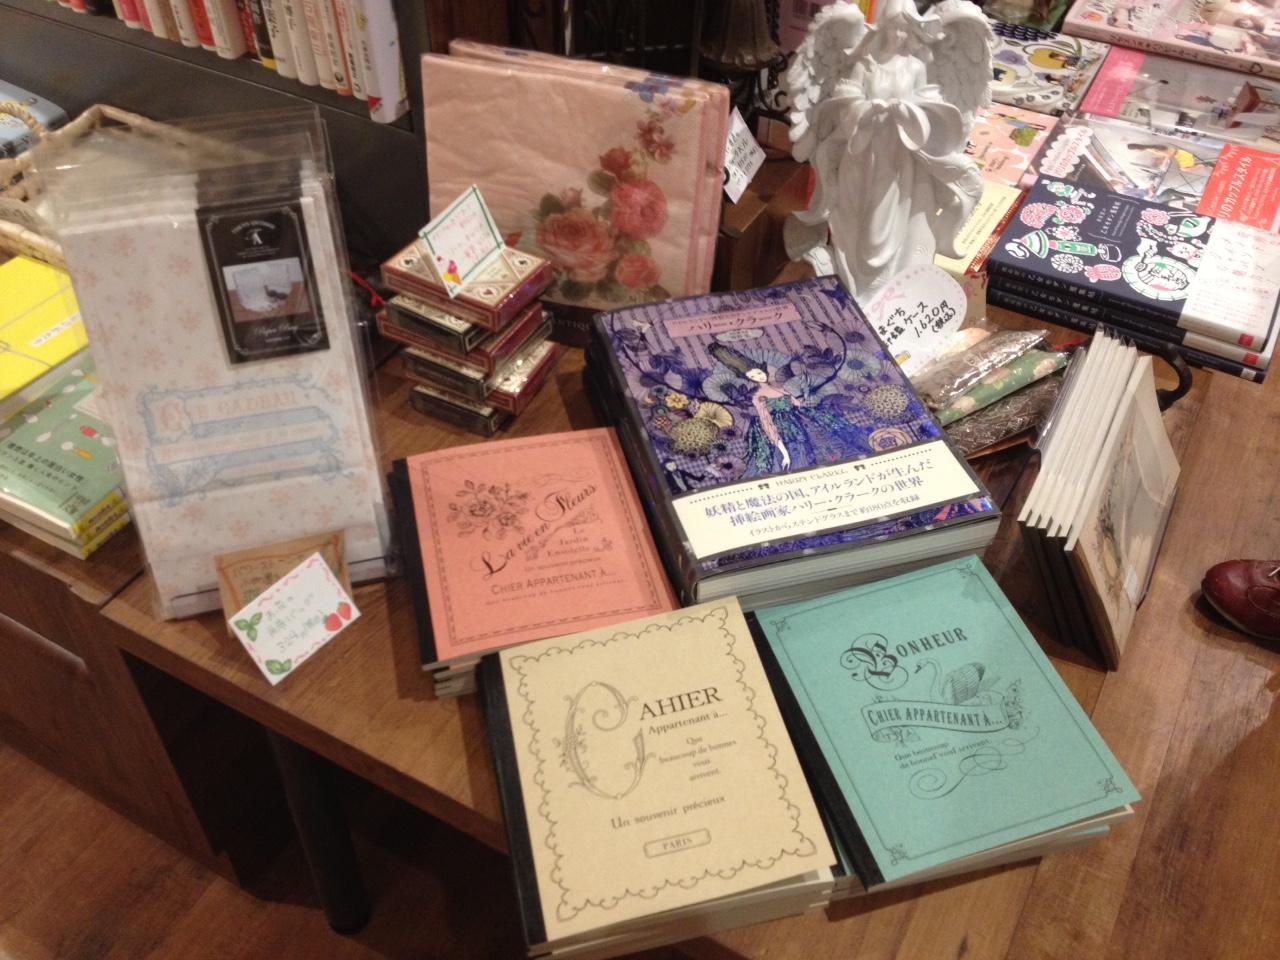 福家書店 新宿サブナード店に行きました。